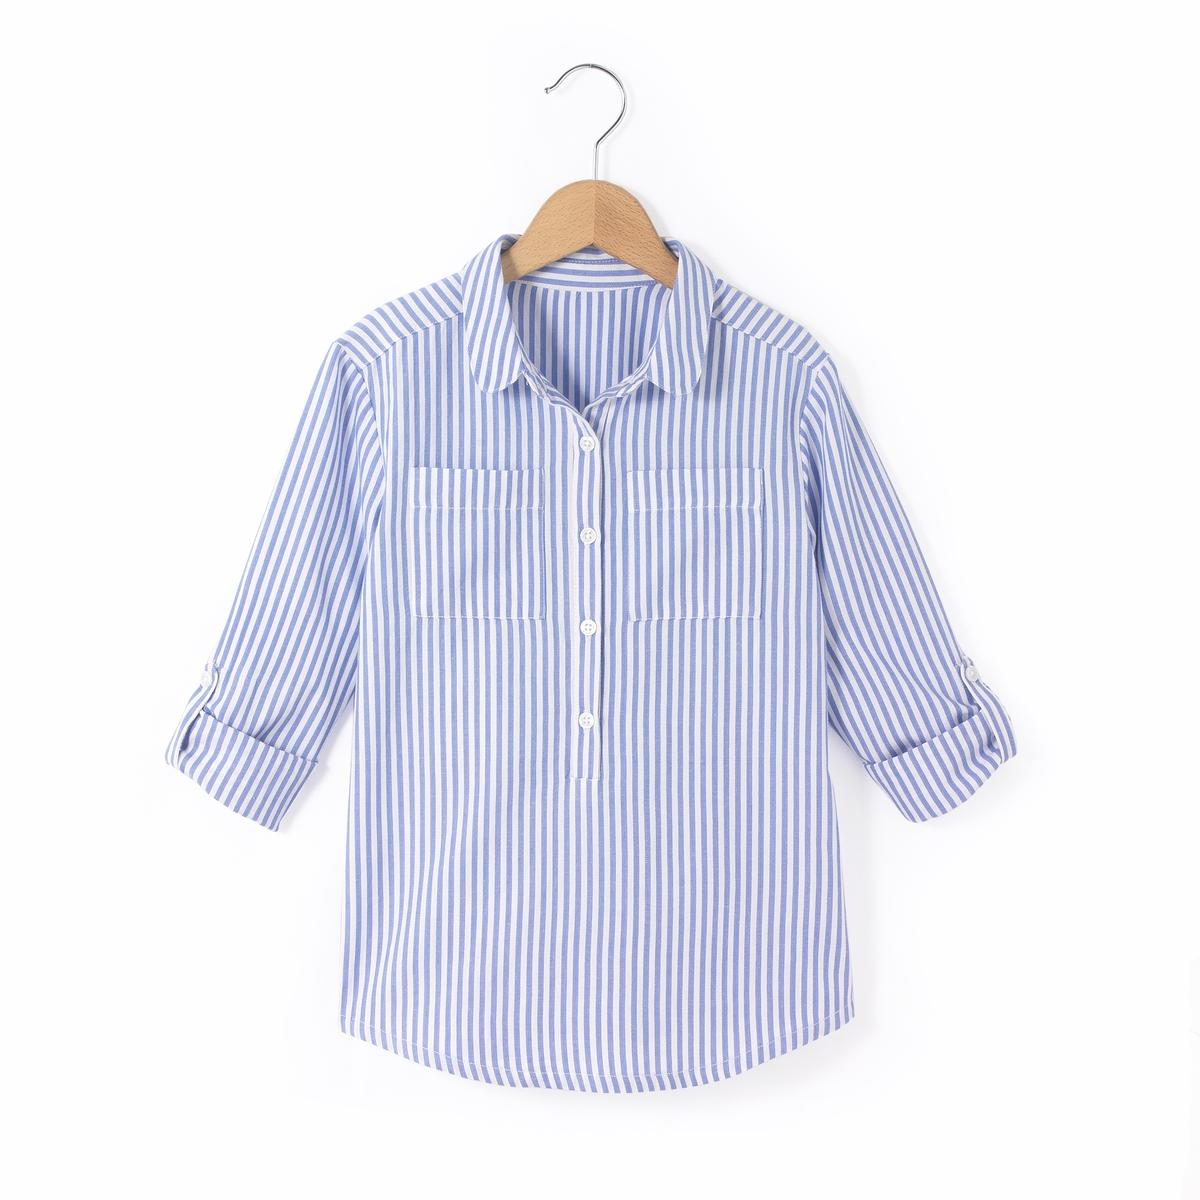 Рубашка длинная в полоску, с длинными рукавами, 3-12 летДлинная рубашка в полоску. Длинные рукава можно подвернуть с помощью планки с застежкой на пуговицу. Рубашечный воротник. Планка застежки на пуговицы. 2 нагрудных кармана. Закругленный низ. Состав и описание Материал       100% хлопокМарка       R essentielУход Стирать и гладить с изнанкиМашинная стирка при 30 °C с вещами схожих цветовМашинная сушка на умеренном режимеГладить при умеренной температуре<br><br>Цвет: в полоску<br>Размер: 8 лет - 126 см.4 года - 102 см.5 лет - 108 см